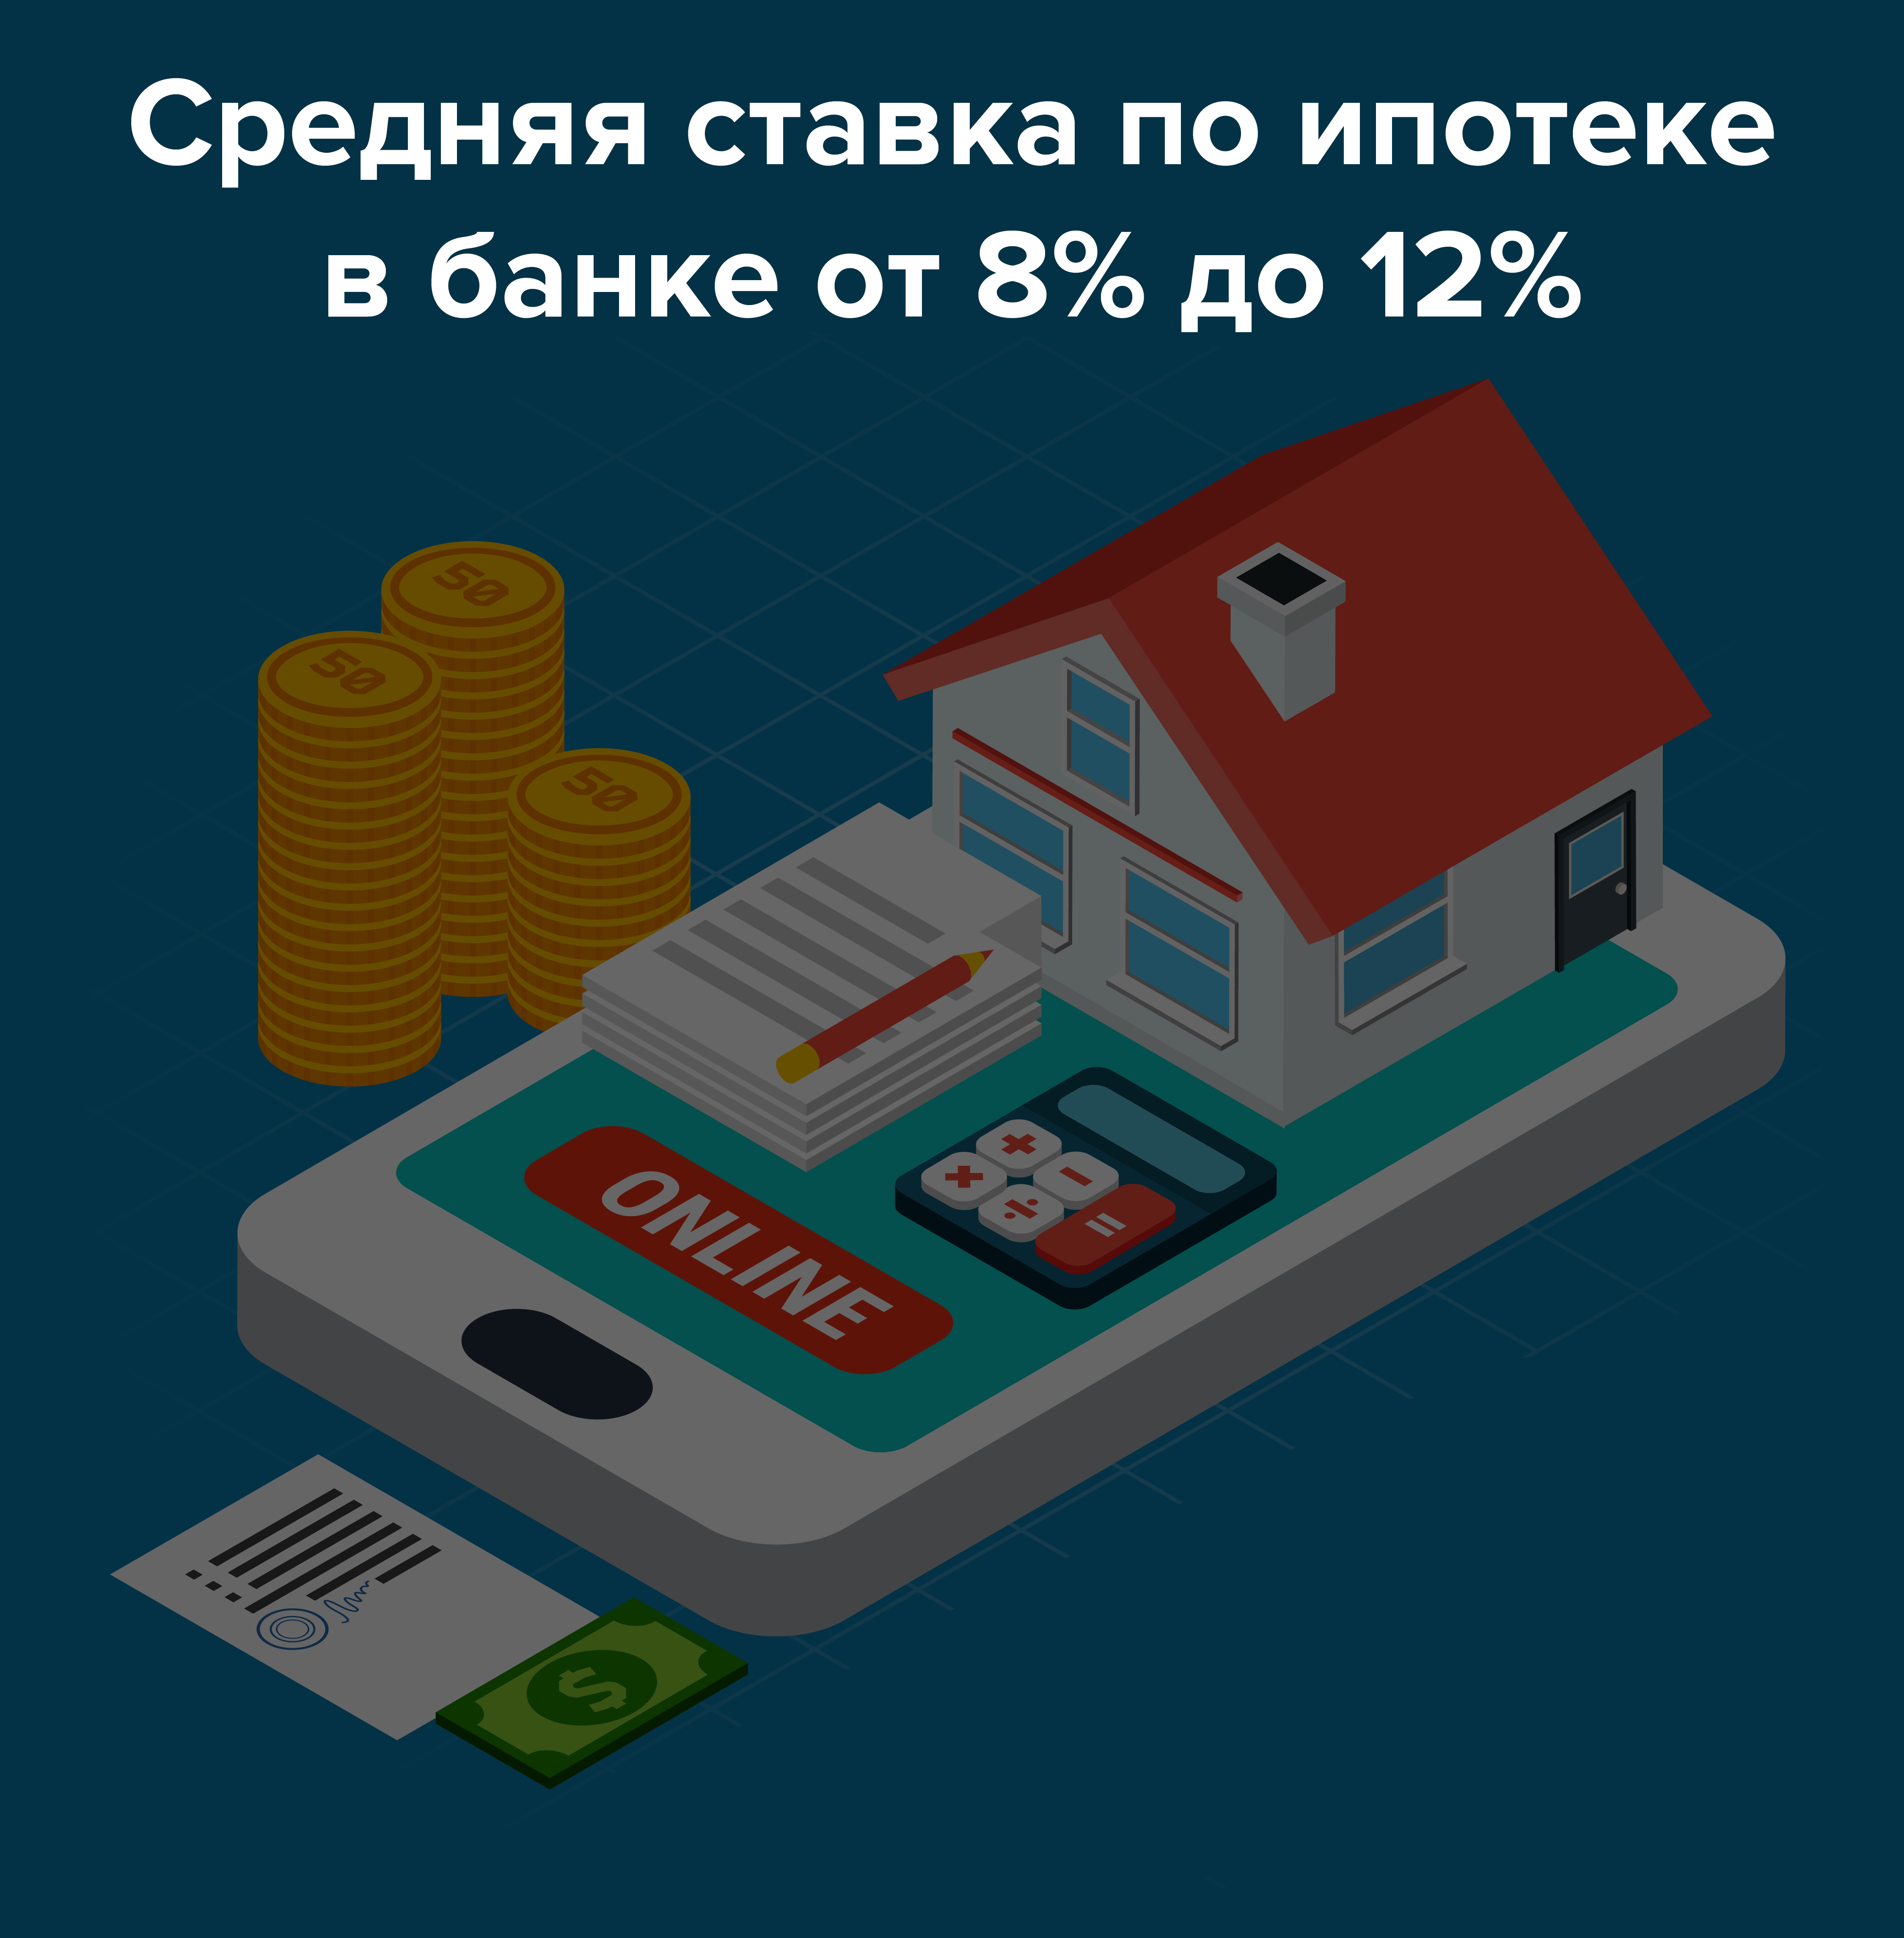 Опыт получения компенсации за земельный участок многодетным семьям в москве 2020 год